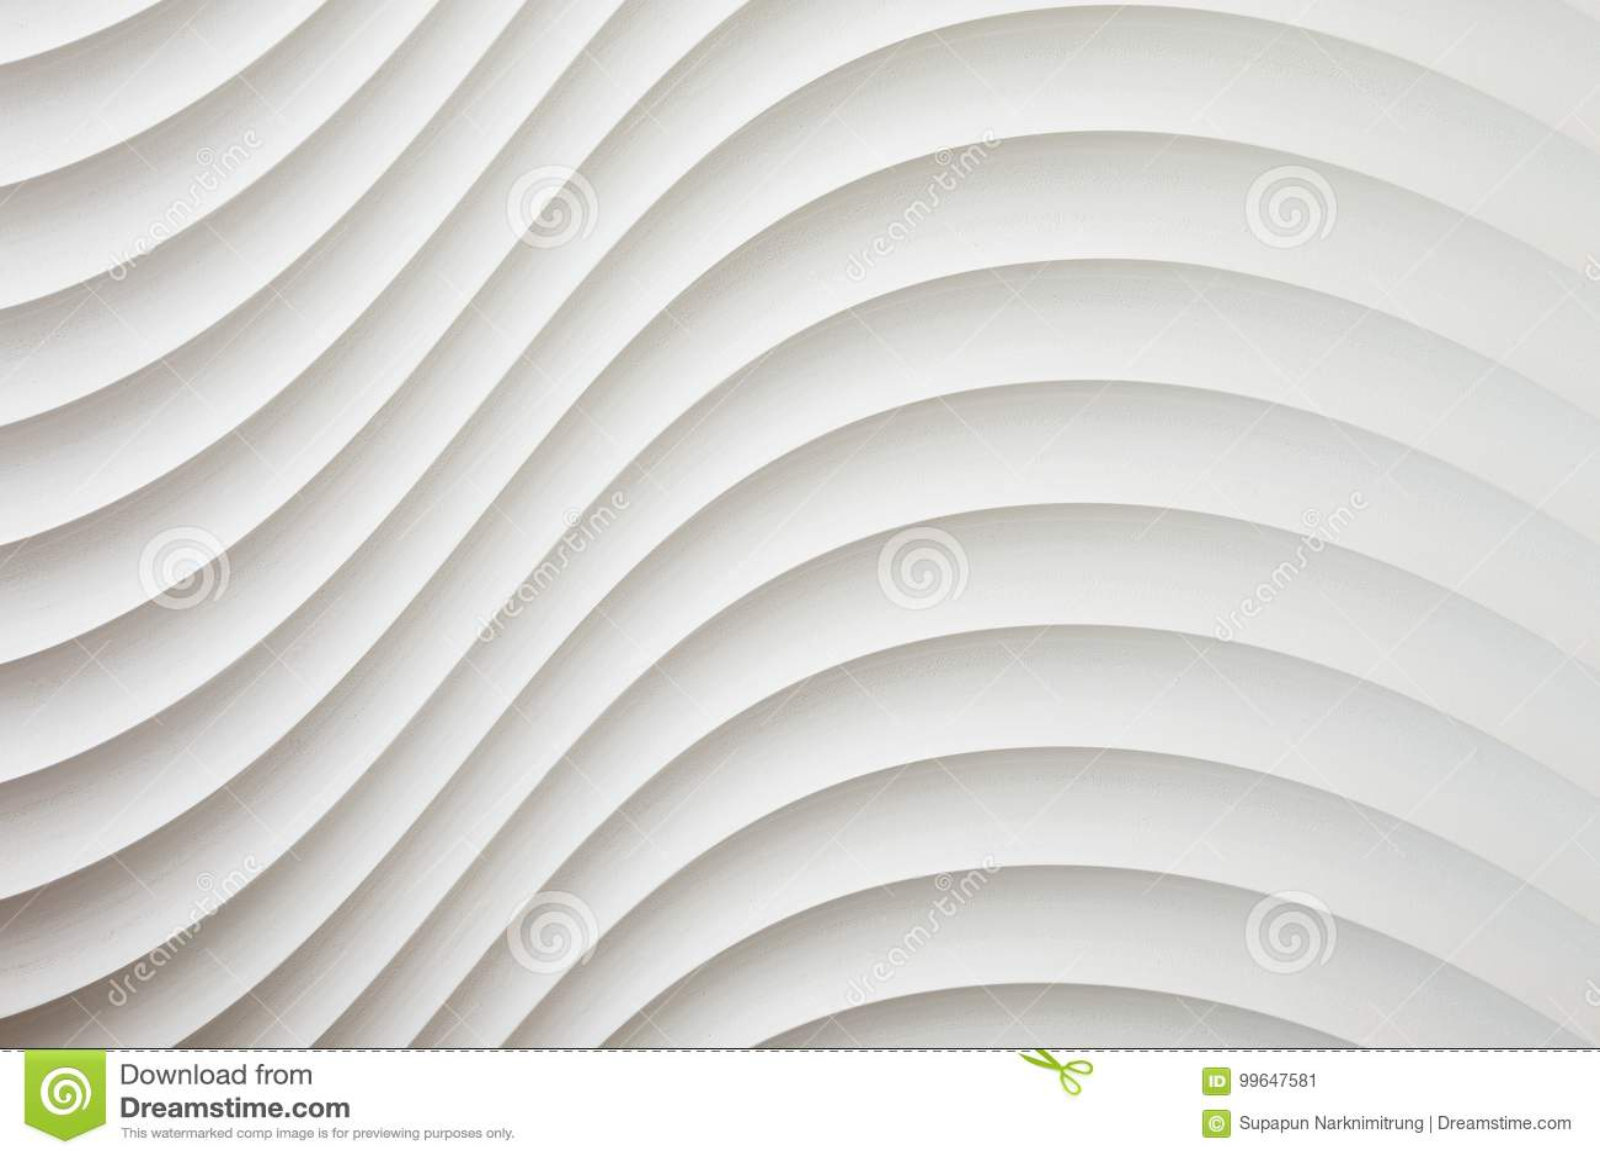 Weiße Wandbeschaffenheit, abstraktes Muster, bewegen gewellten modernen, geometrischen Deckungsschichthintergrund wellenartig